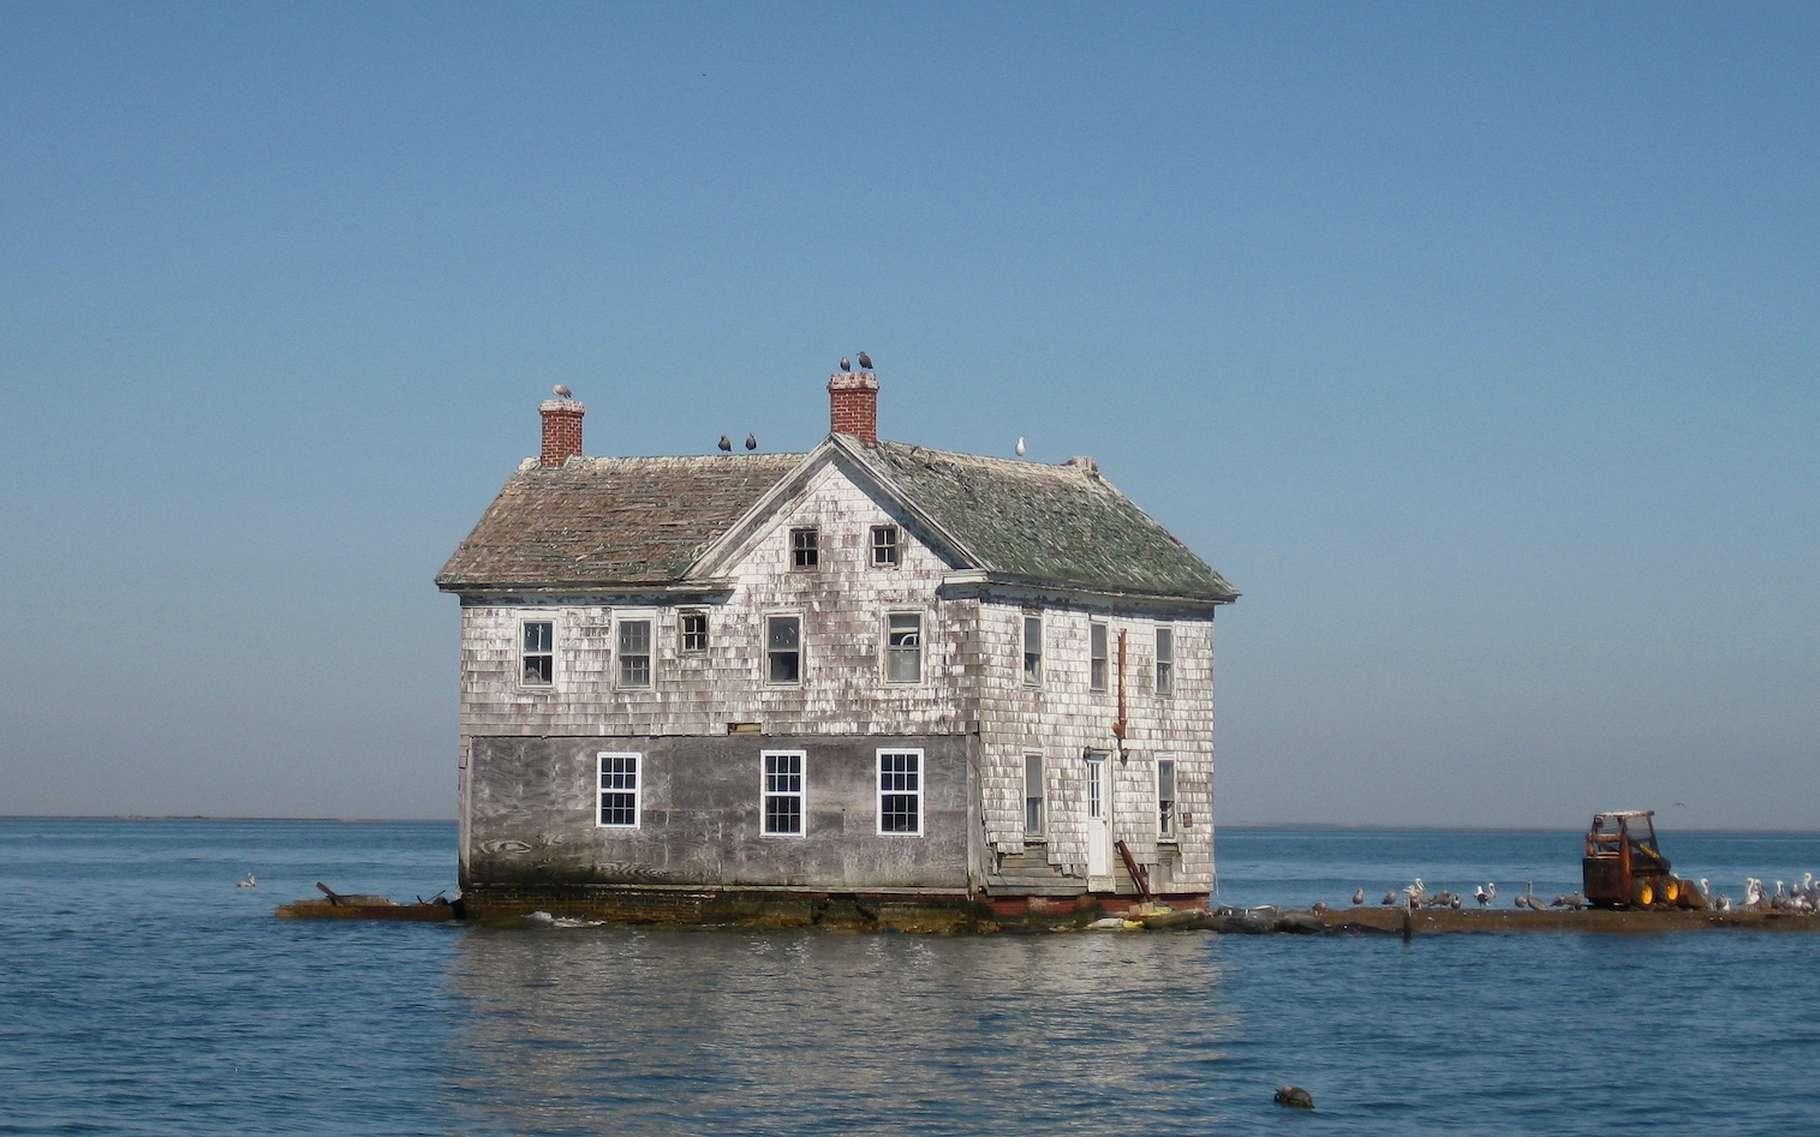 C'est la toute dernière maison qui restait sur Holland Island (Maryland, États-Unis). Une île submergée par l'élévation du niveau de la mer et par l'affaissement de la surface des terres. La maison s'est finalement effondrée en 2010. © baldeaglebluff, Wikipedia, CC by-SA 2.0